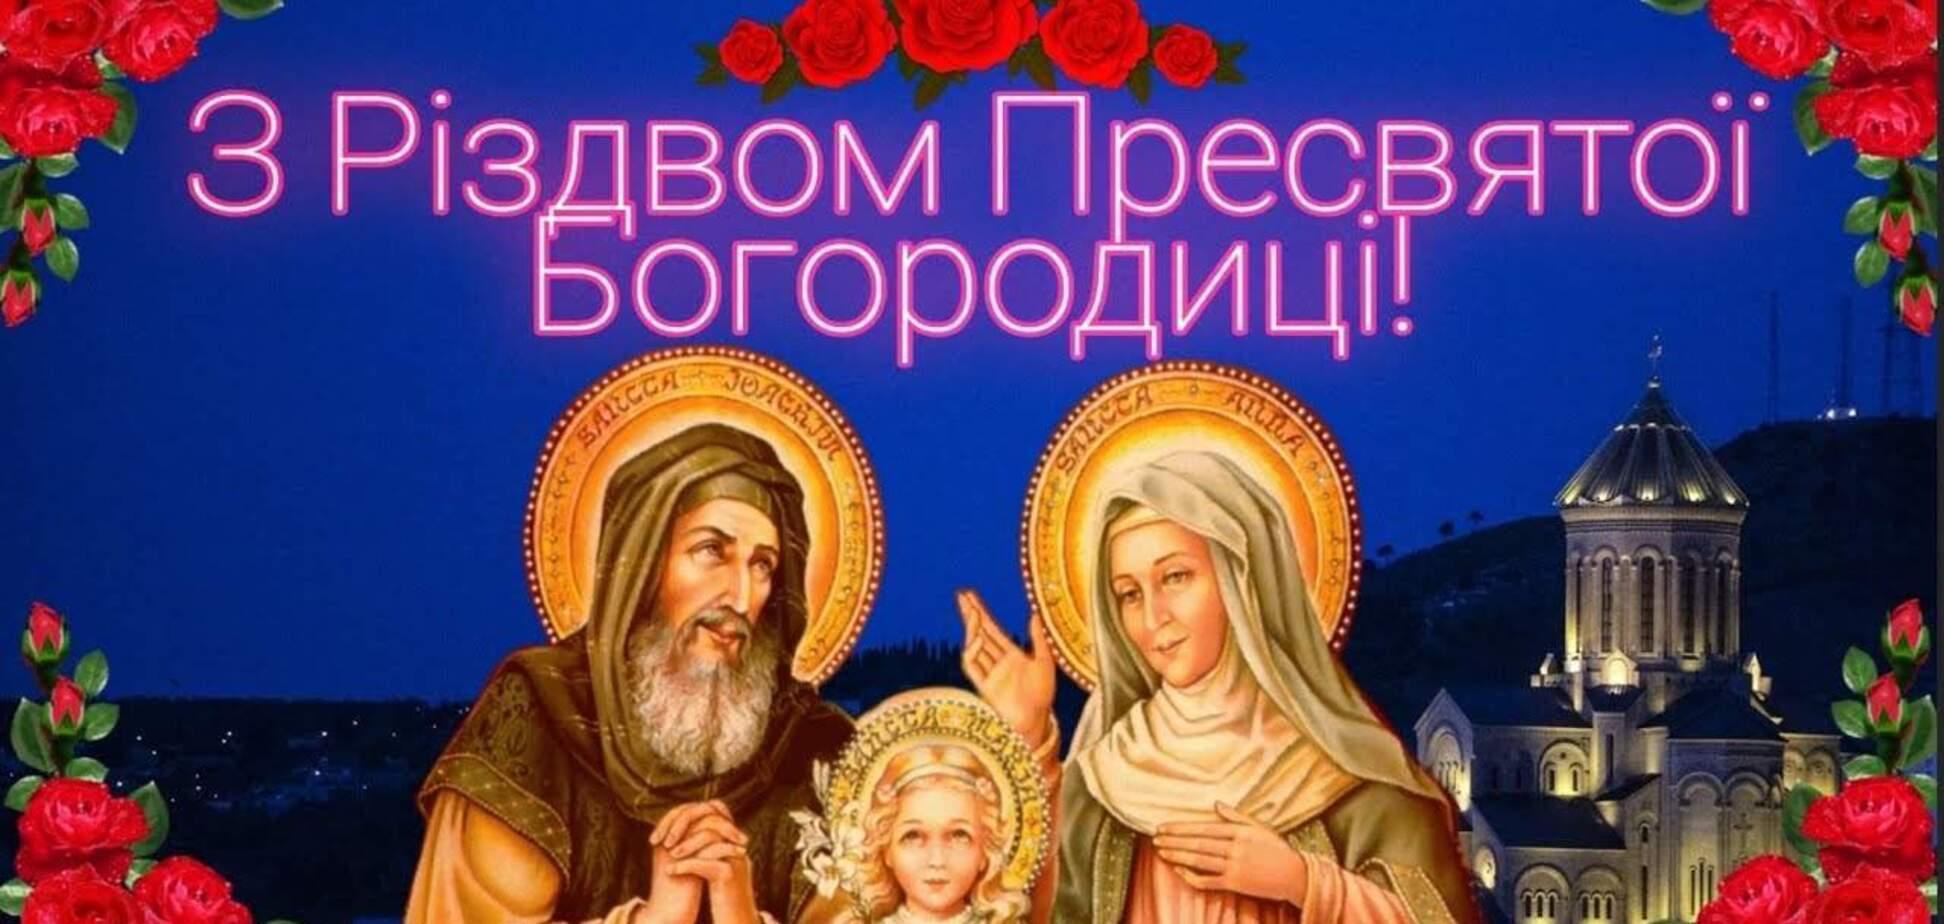 Рождество Пресвятой Богородицы – великий праздник, один из двунадесятых